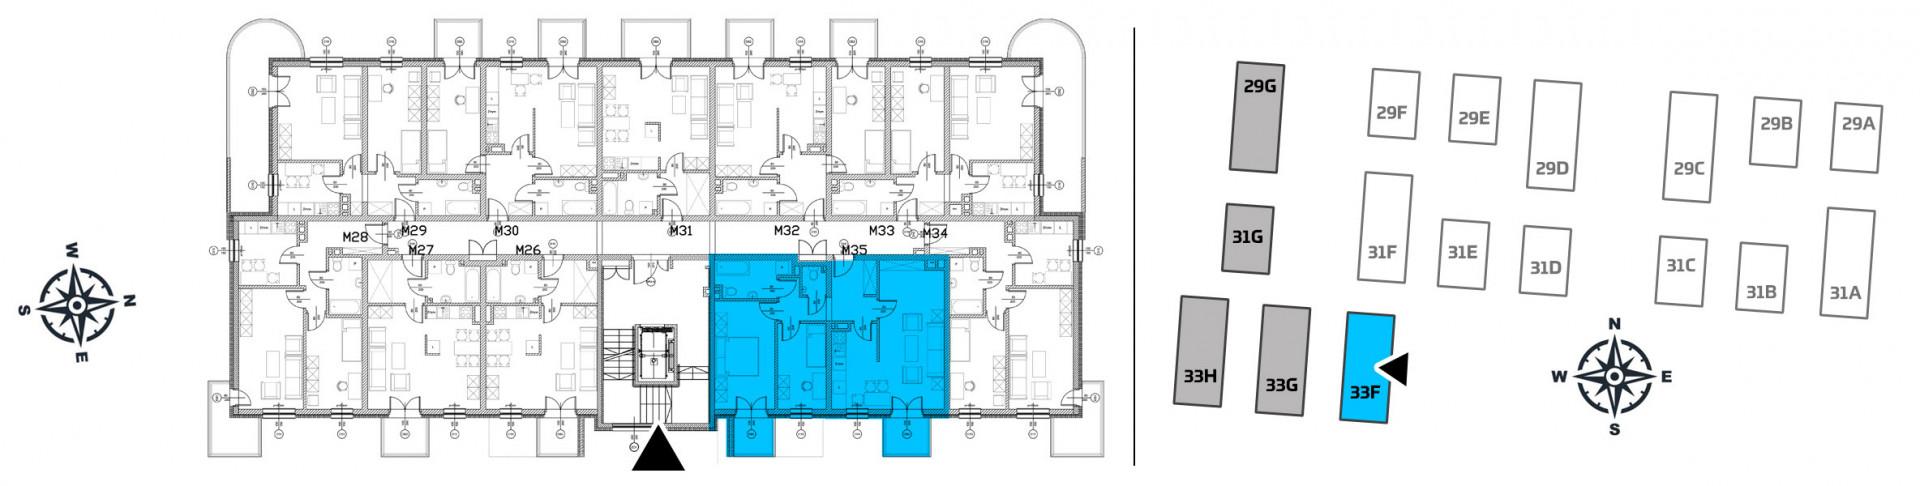 Mieszkanie trzypokojowe 33F/35 rzut 2